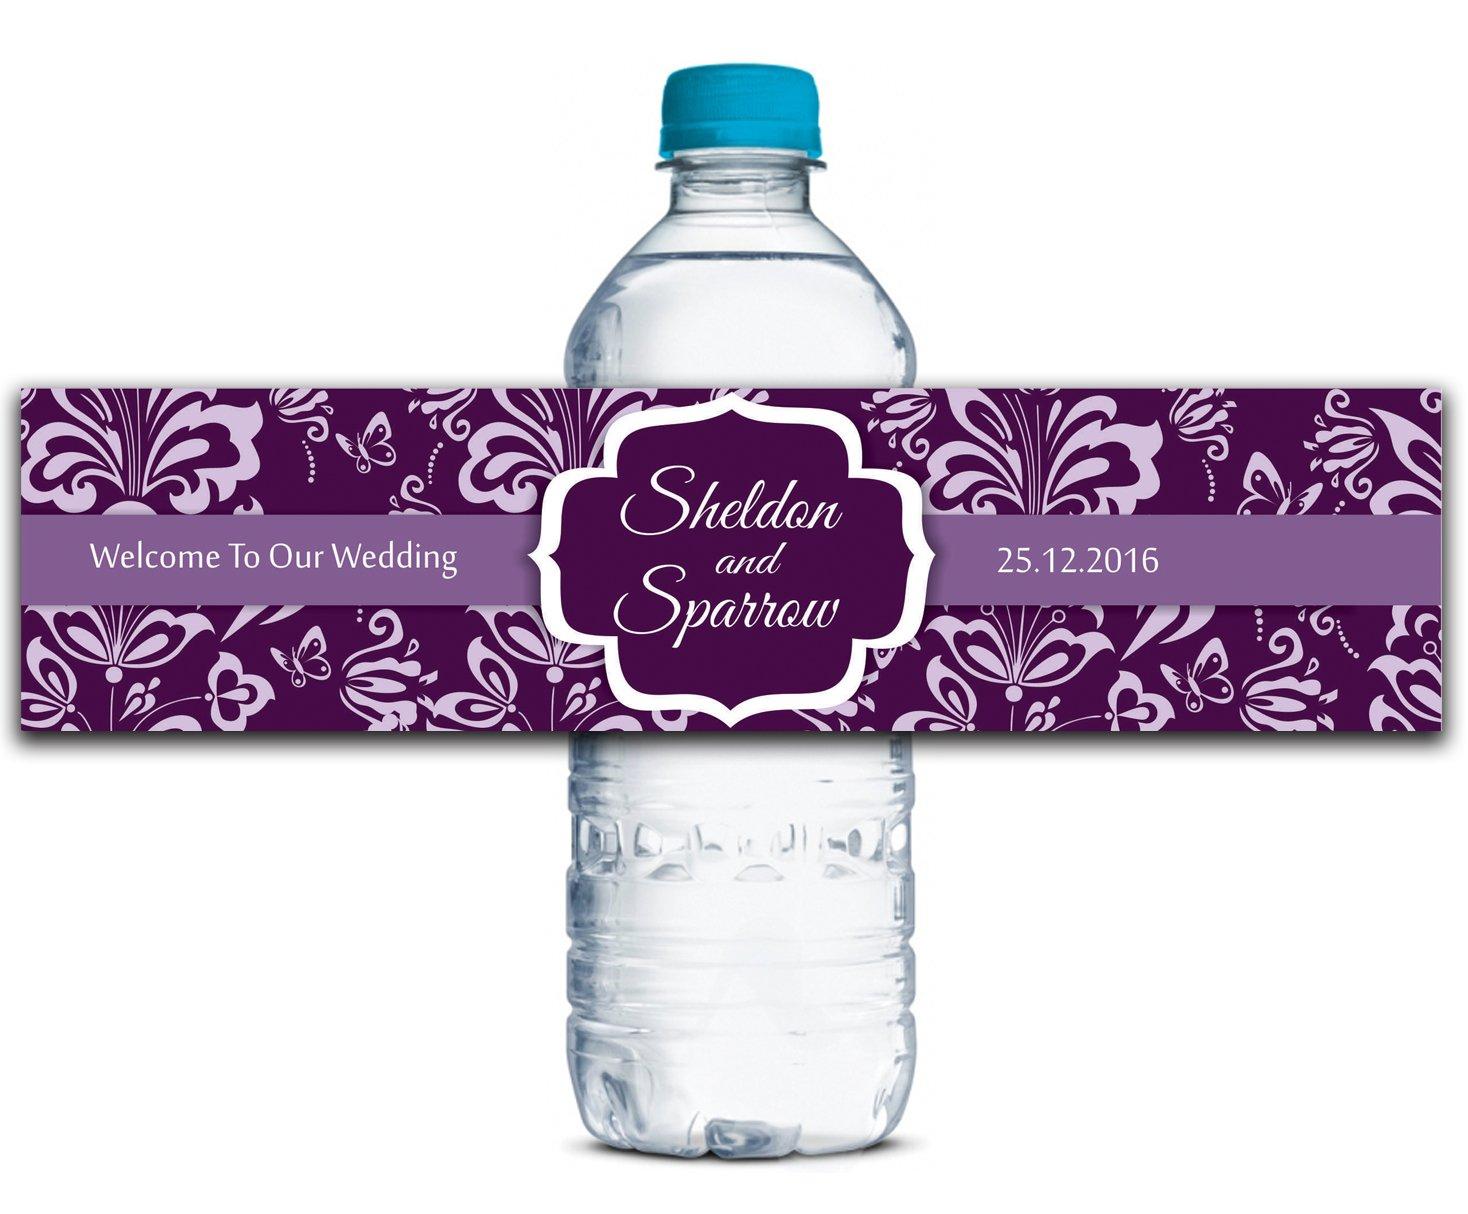 Kundenspezifische Wasserflasche Etiketten Selbstklebende wasserdichte Peraonalized Hochzeits-Aufkleber 8  x 2  Zoll - 50 Etiketten B01A0W4FVM   Deutschland